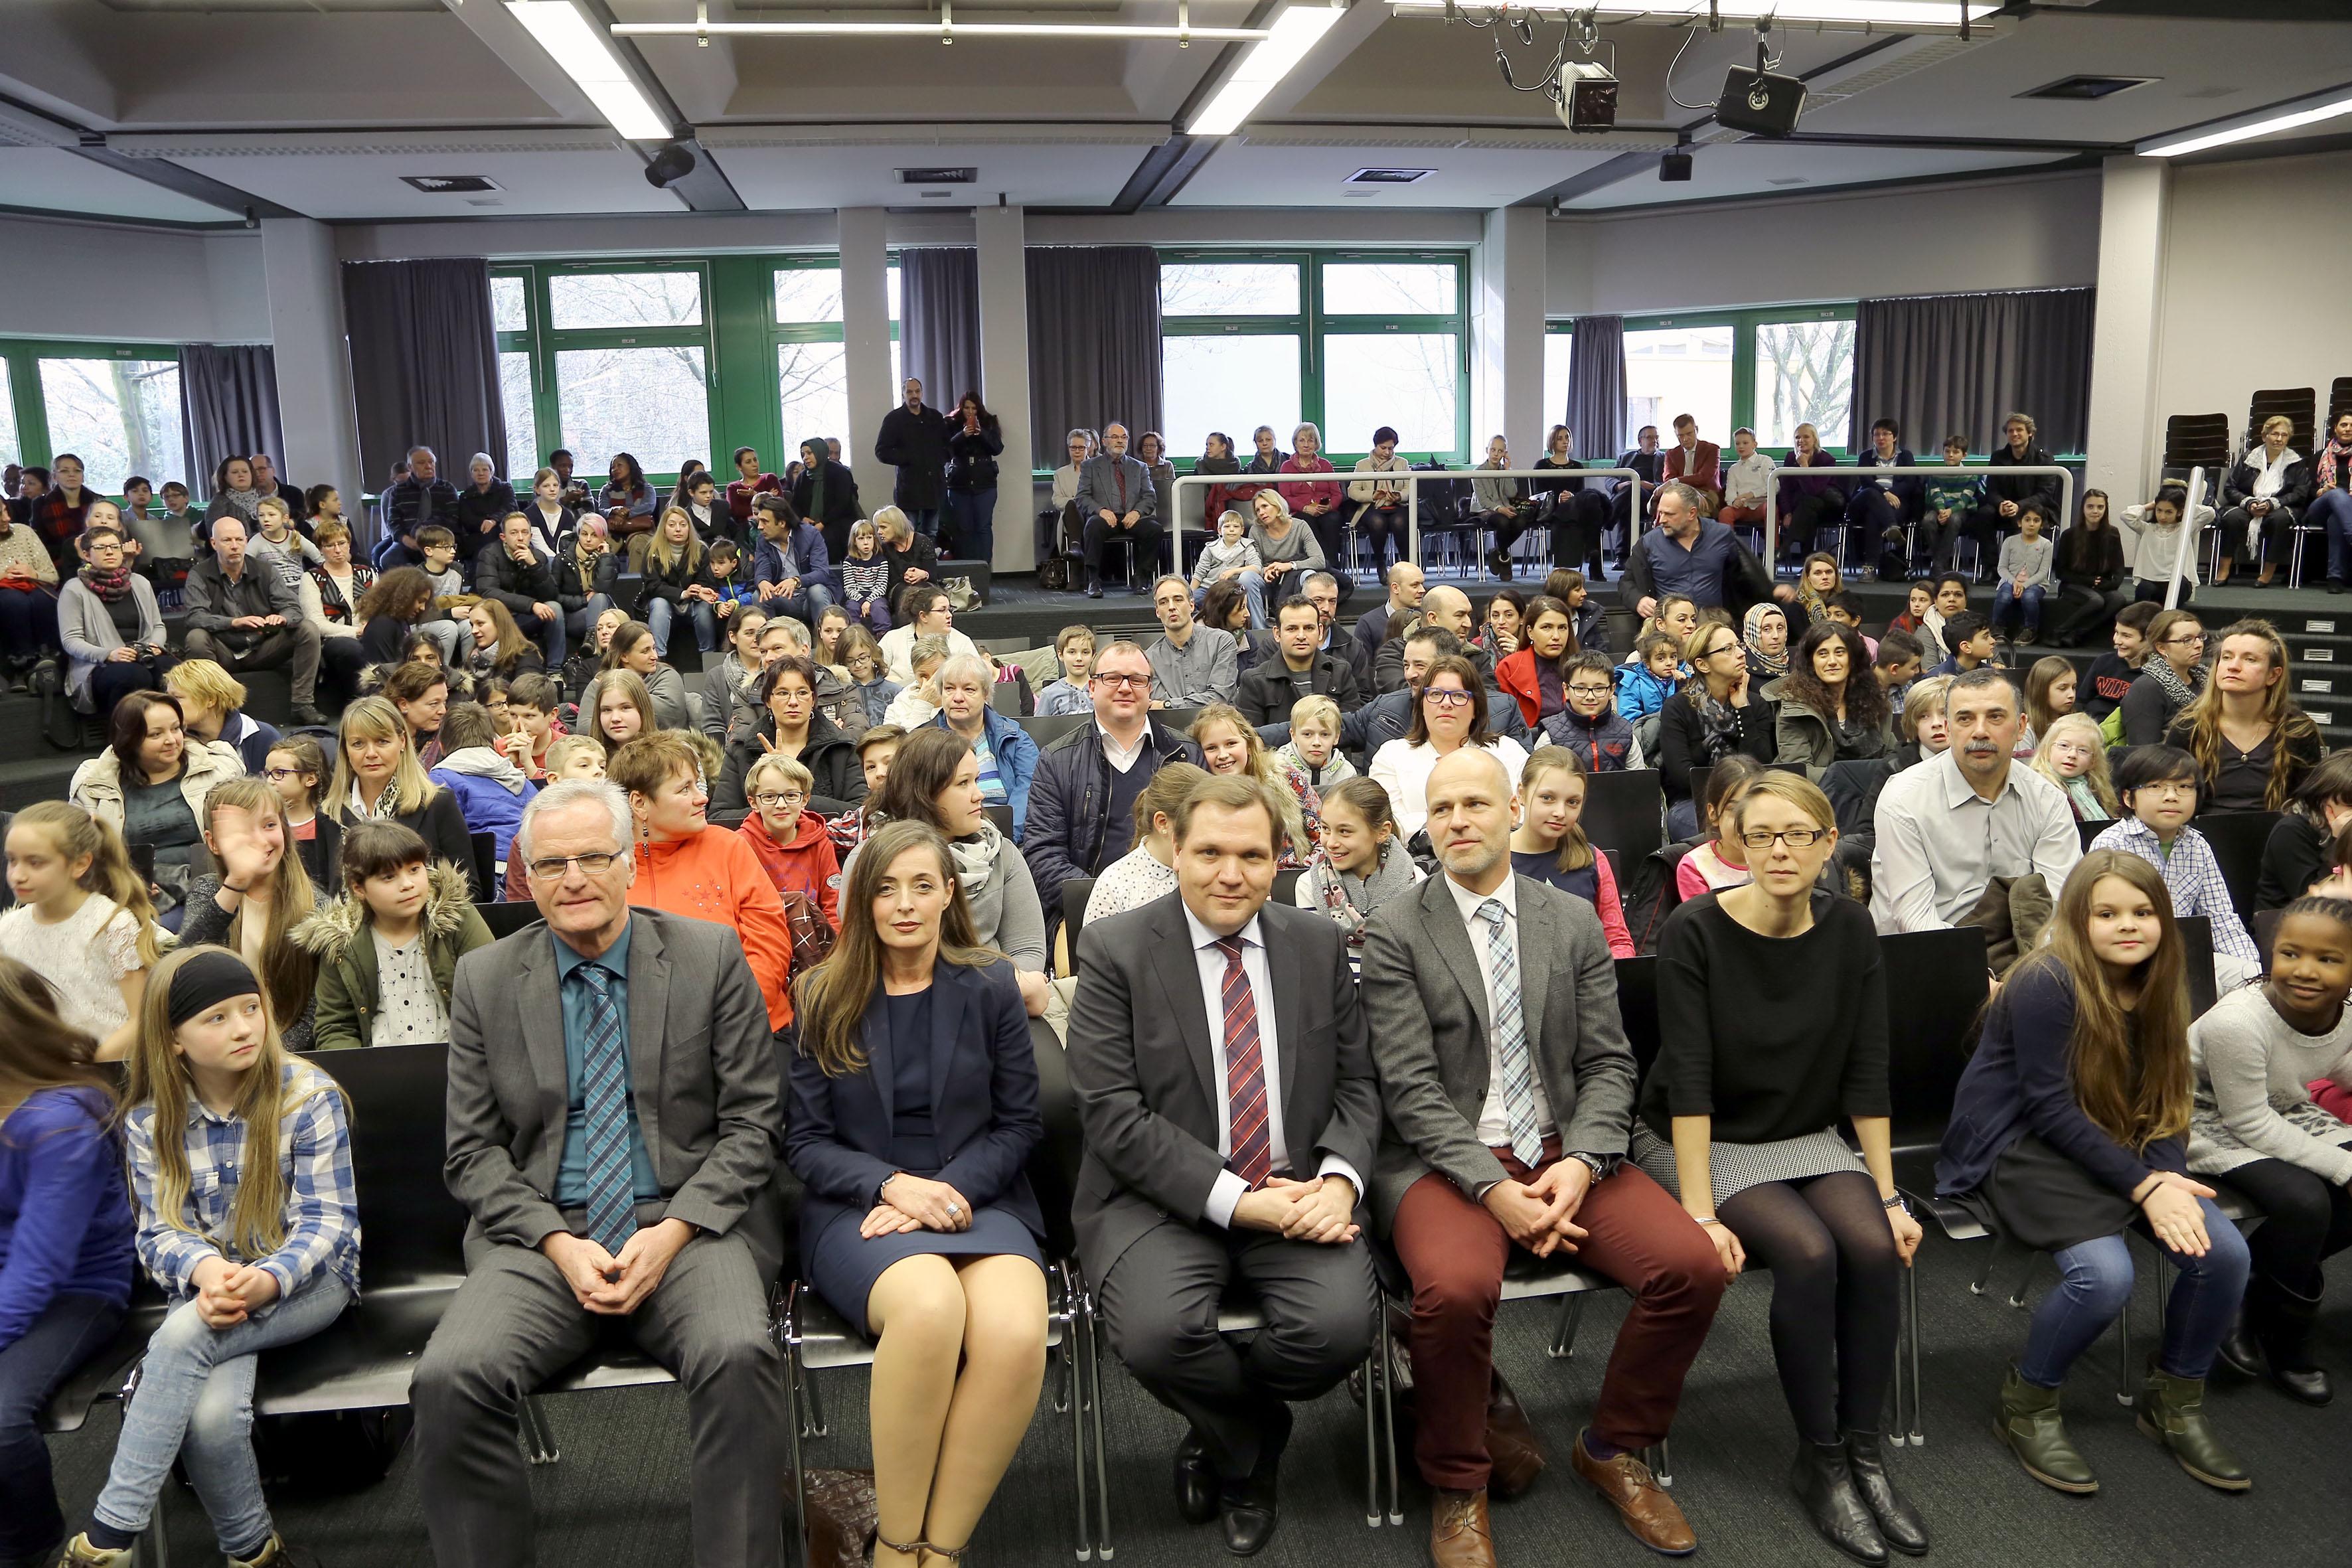 Stadt ehrte Grundschüler mit erfolgreichem Französisch-Diplom (Foto: Stadt Krefeld/L. Strücken)